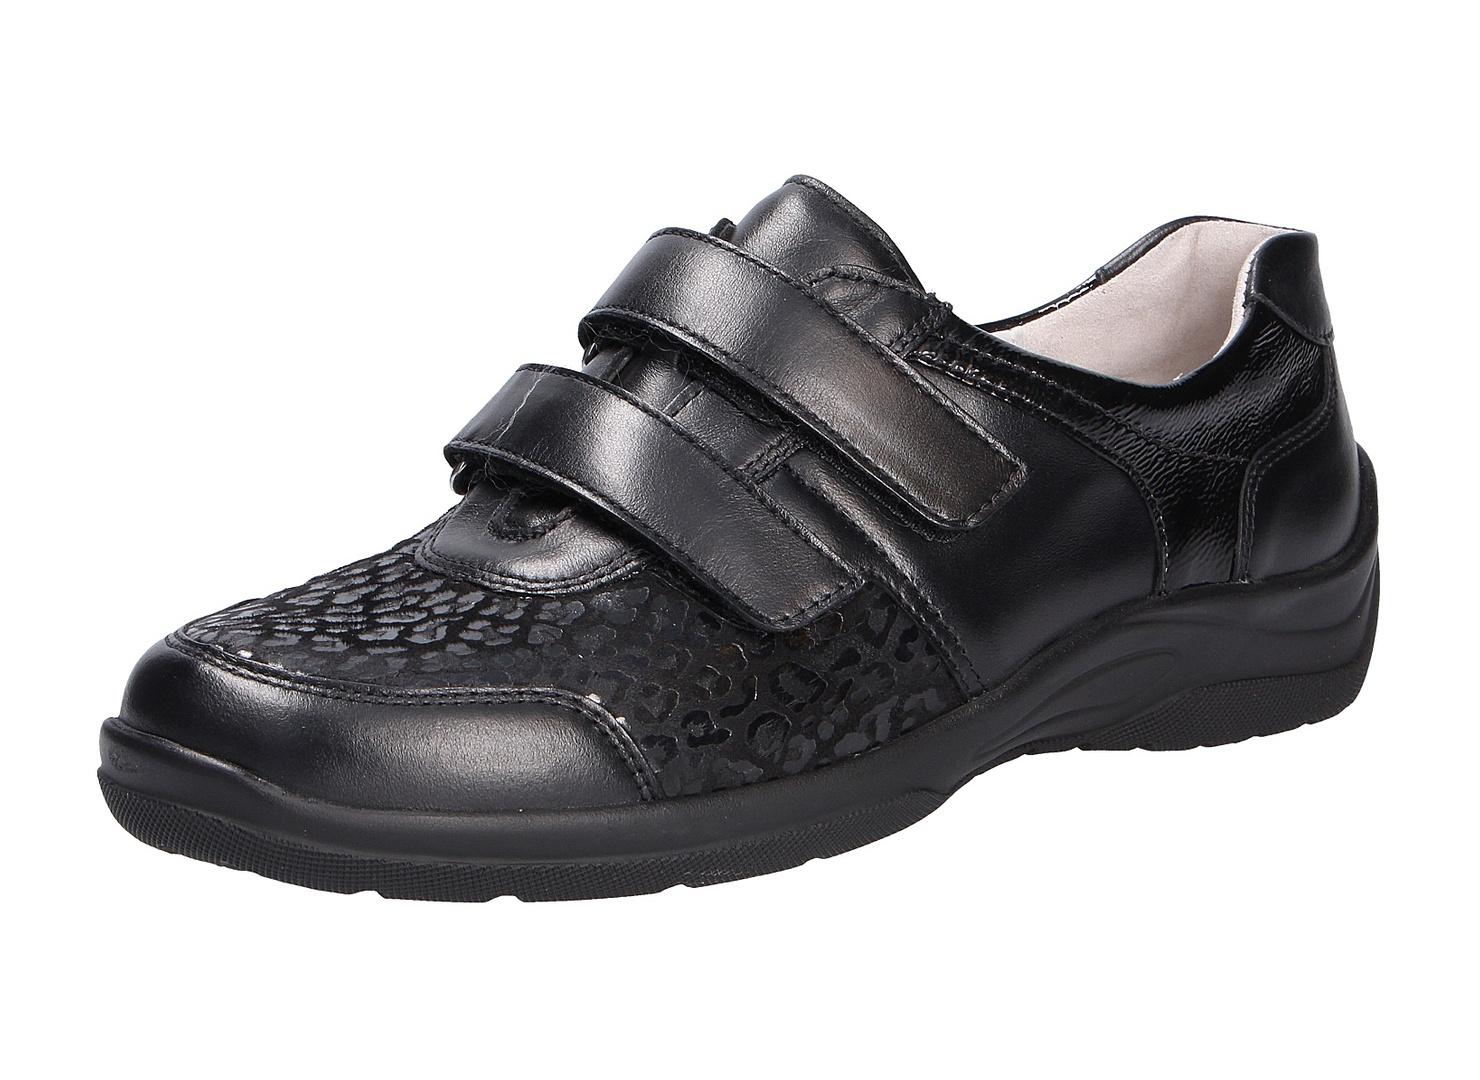 cfe4f4f44702 Waldläufer Schuhe online günstig kaufen | Hier finden Sie die große ...